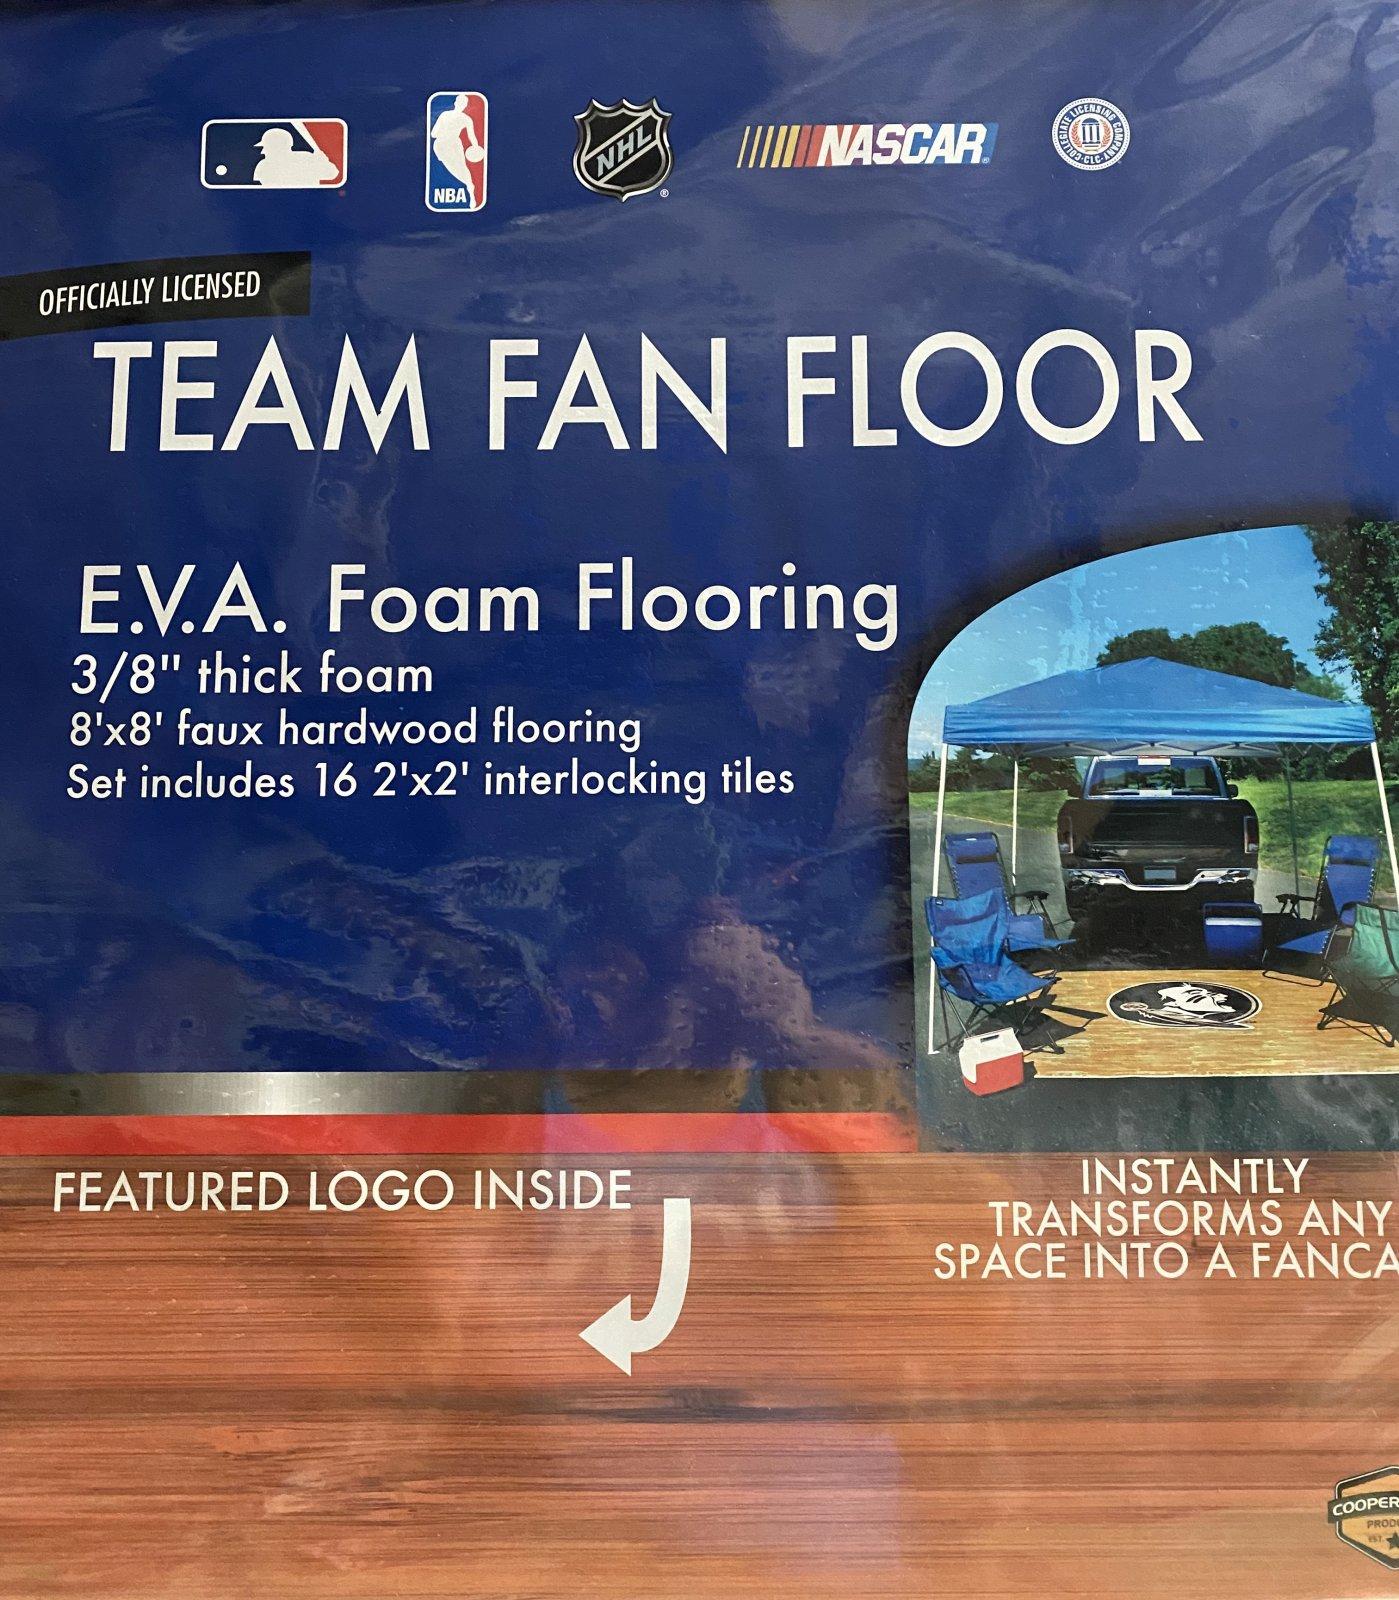 Detroit Tigers Fan Floor